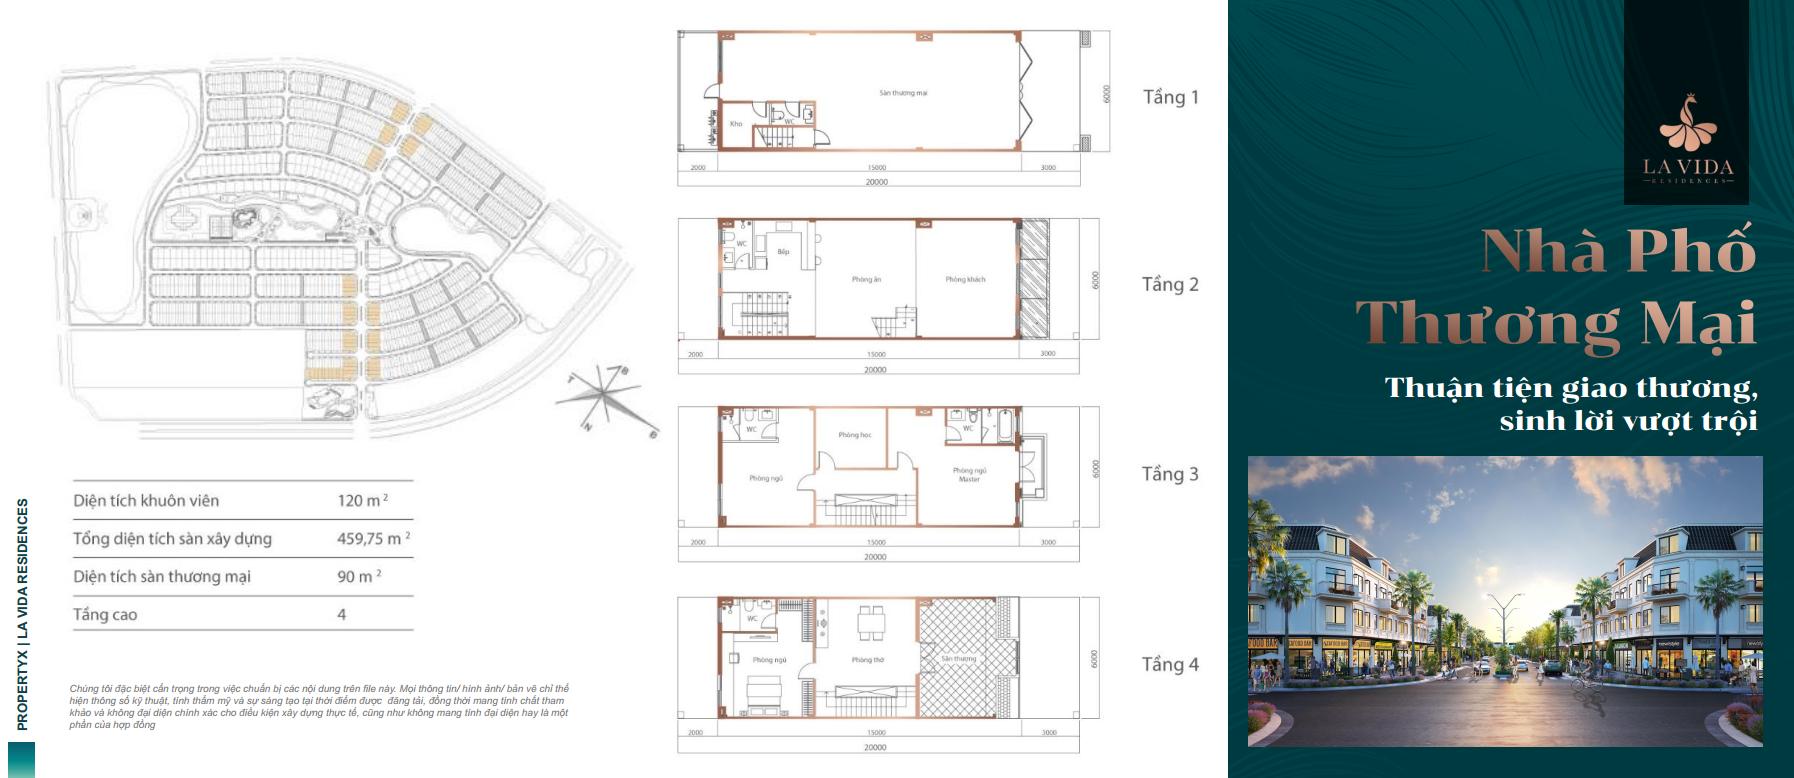 Mua bán chuyển nhượng Lavida Residences Vũng Tàu 2021 5